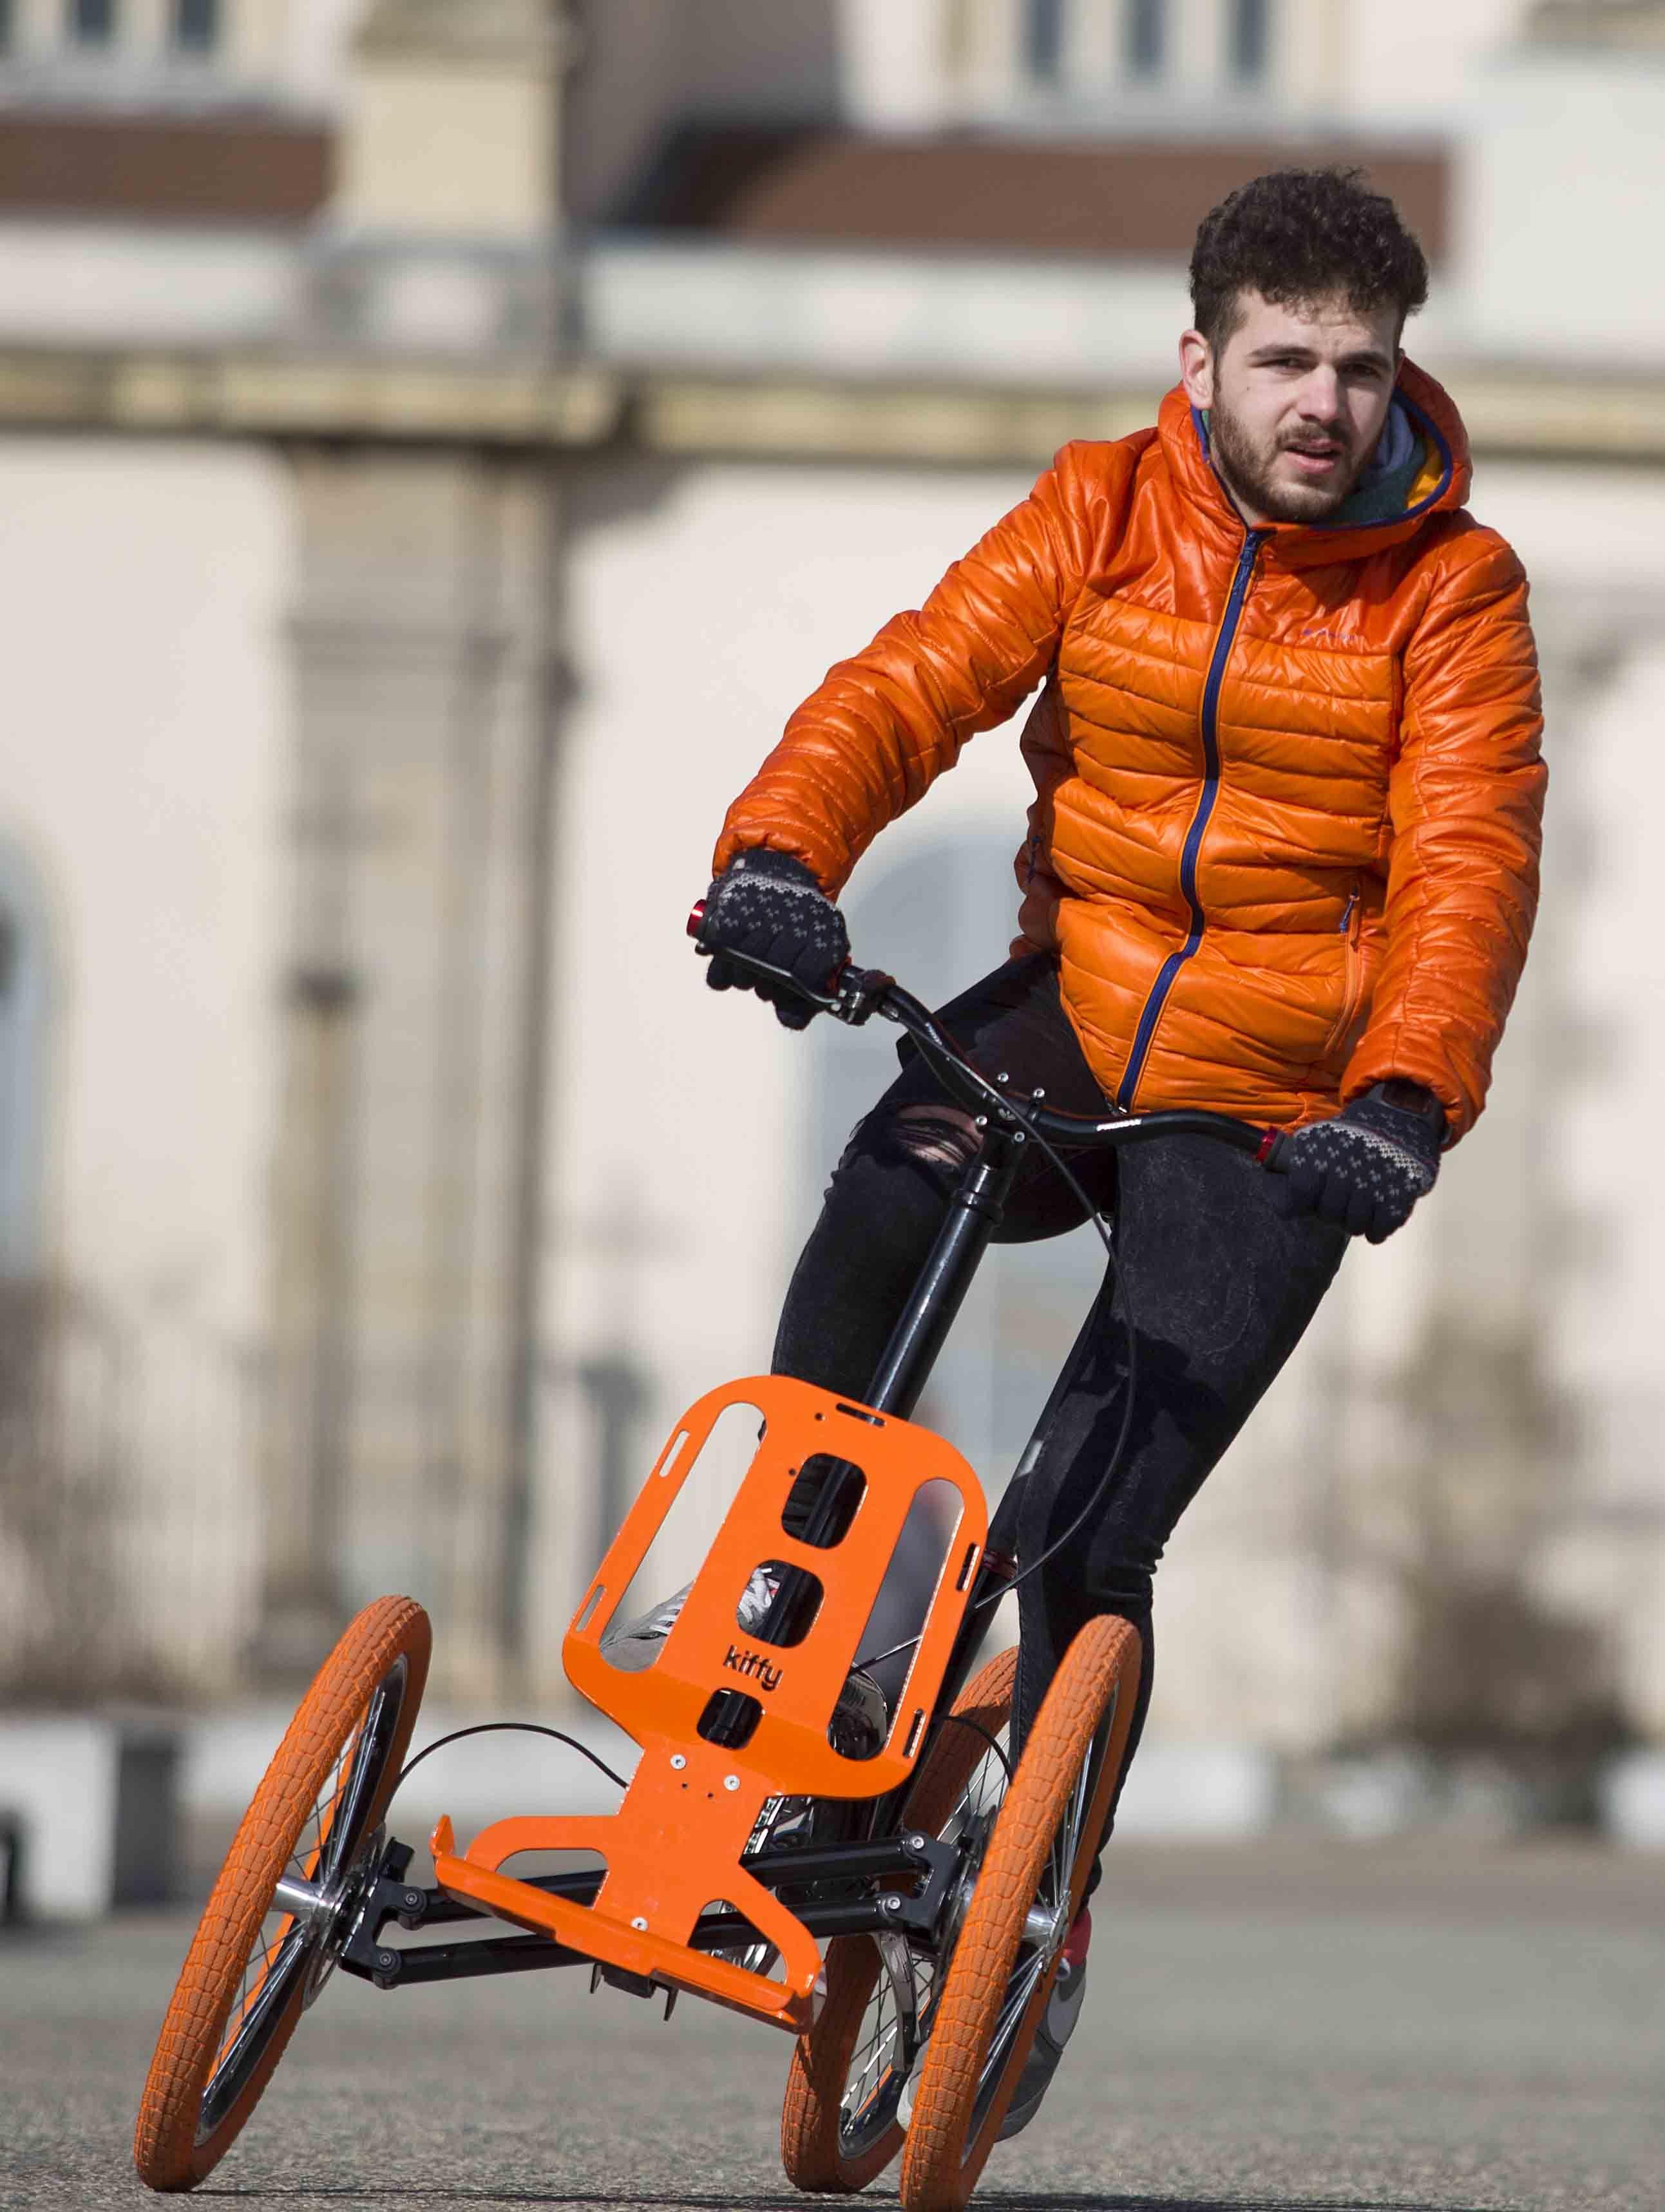 bio tiful urban mobilit voici kiffy joyau de l 39 industrie du cycle st phanoise fabriqu 90. Black Bedroom Furniture Sets. Home Design Ideas